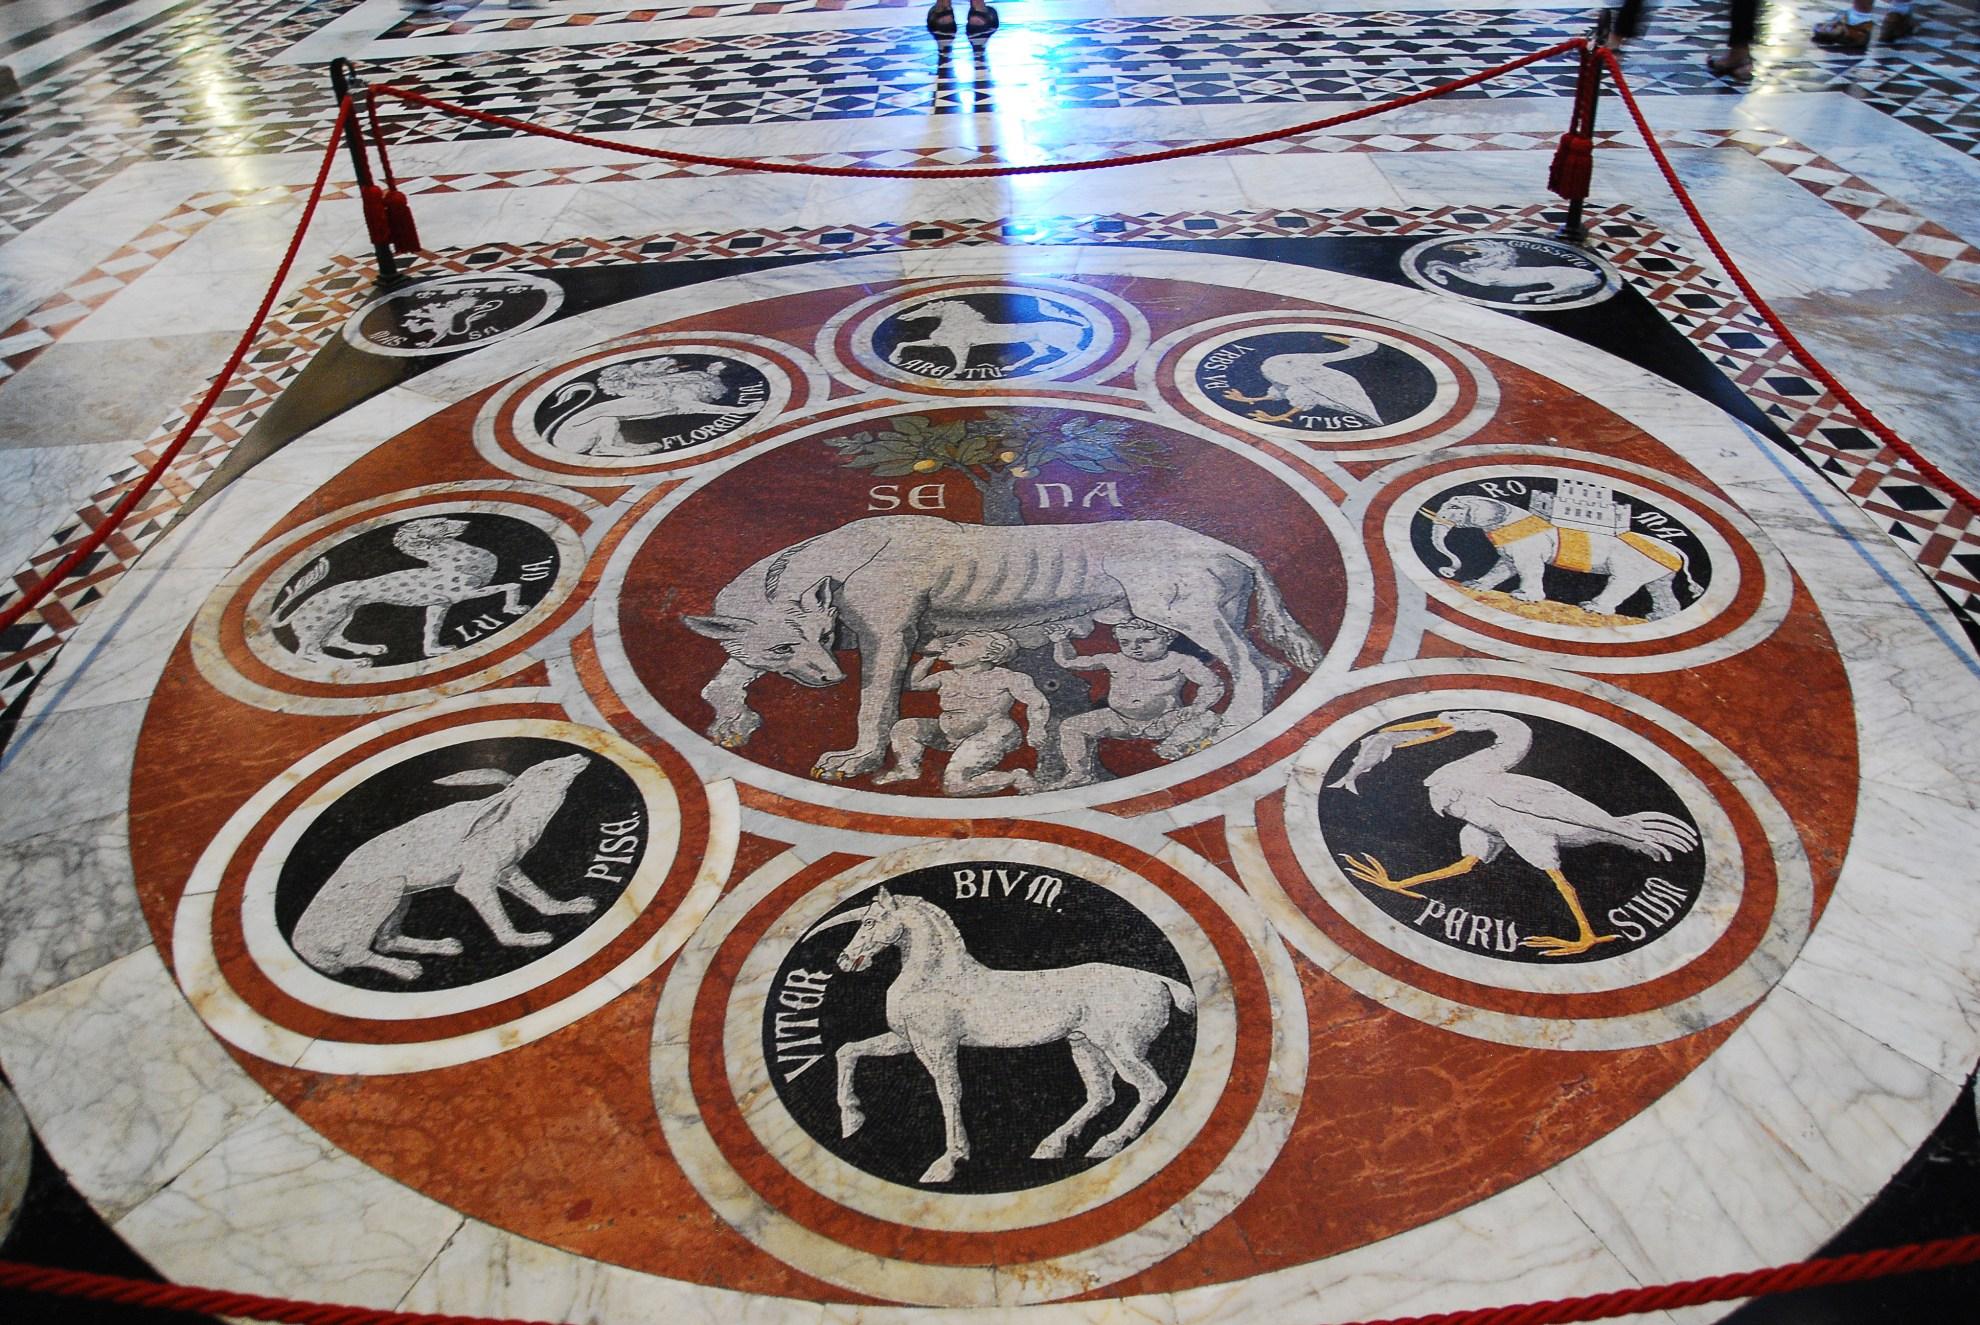 Posadzka katedry w Sienie